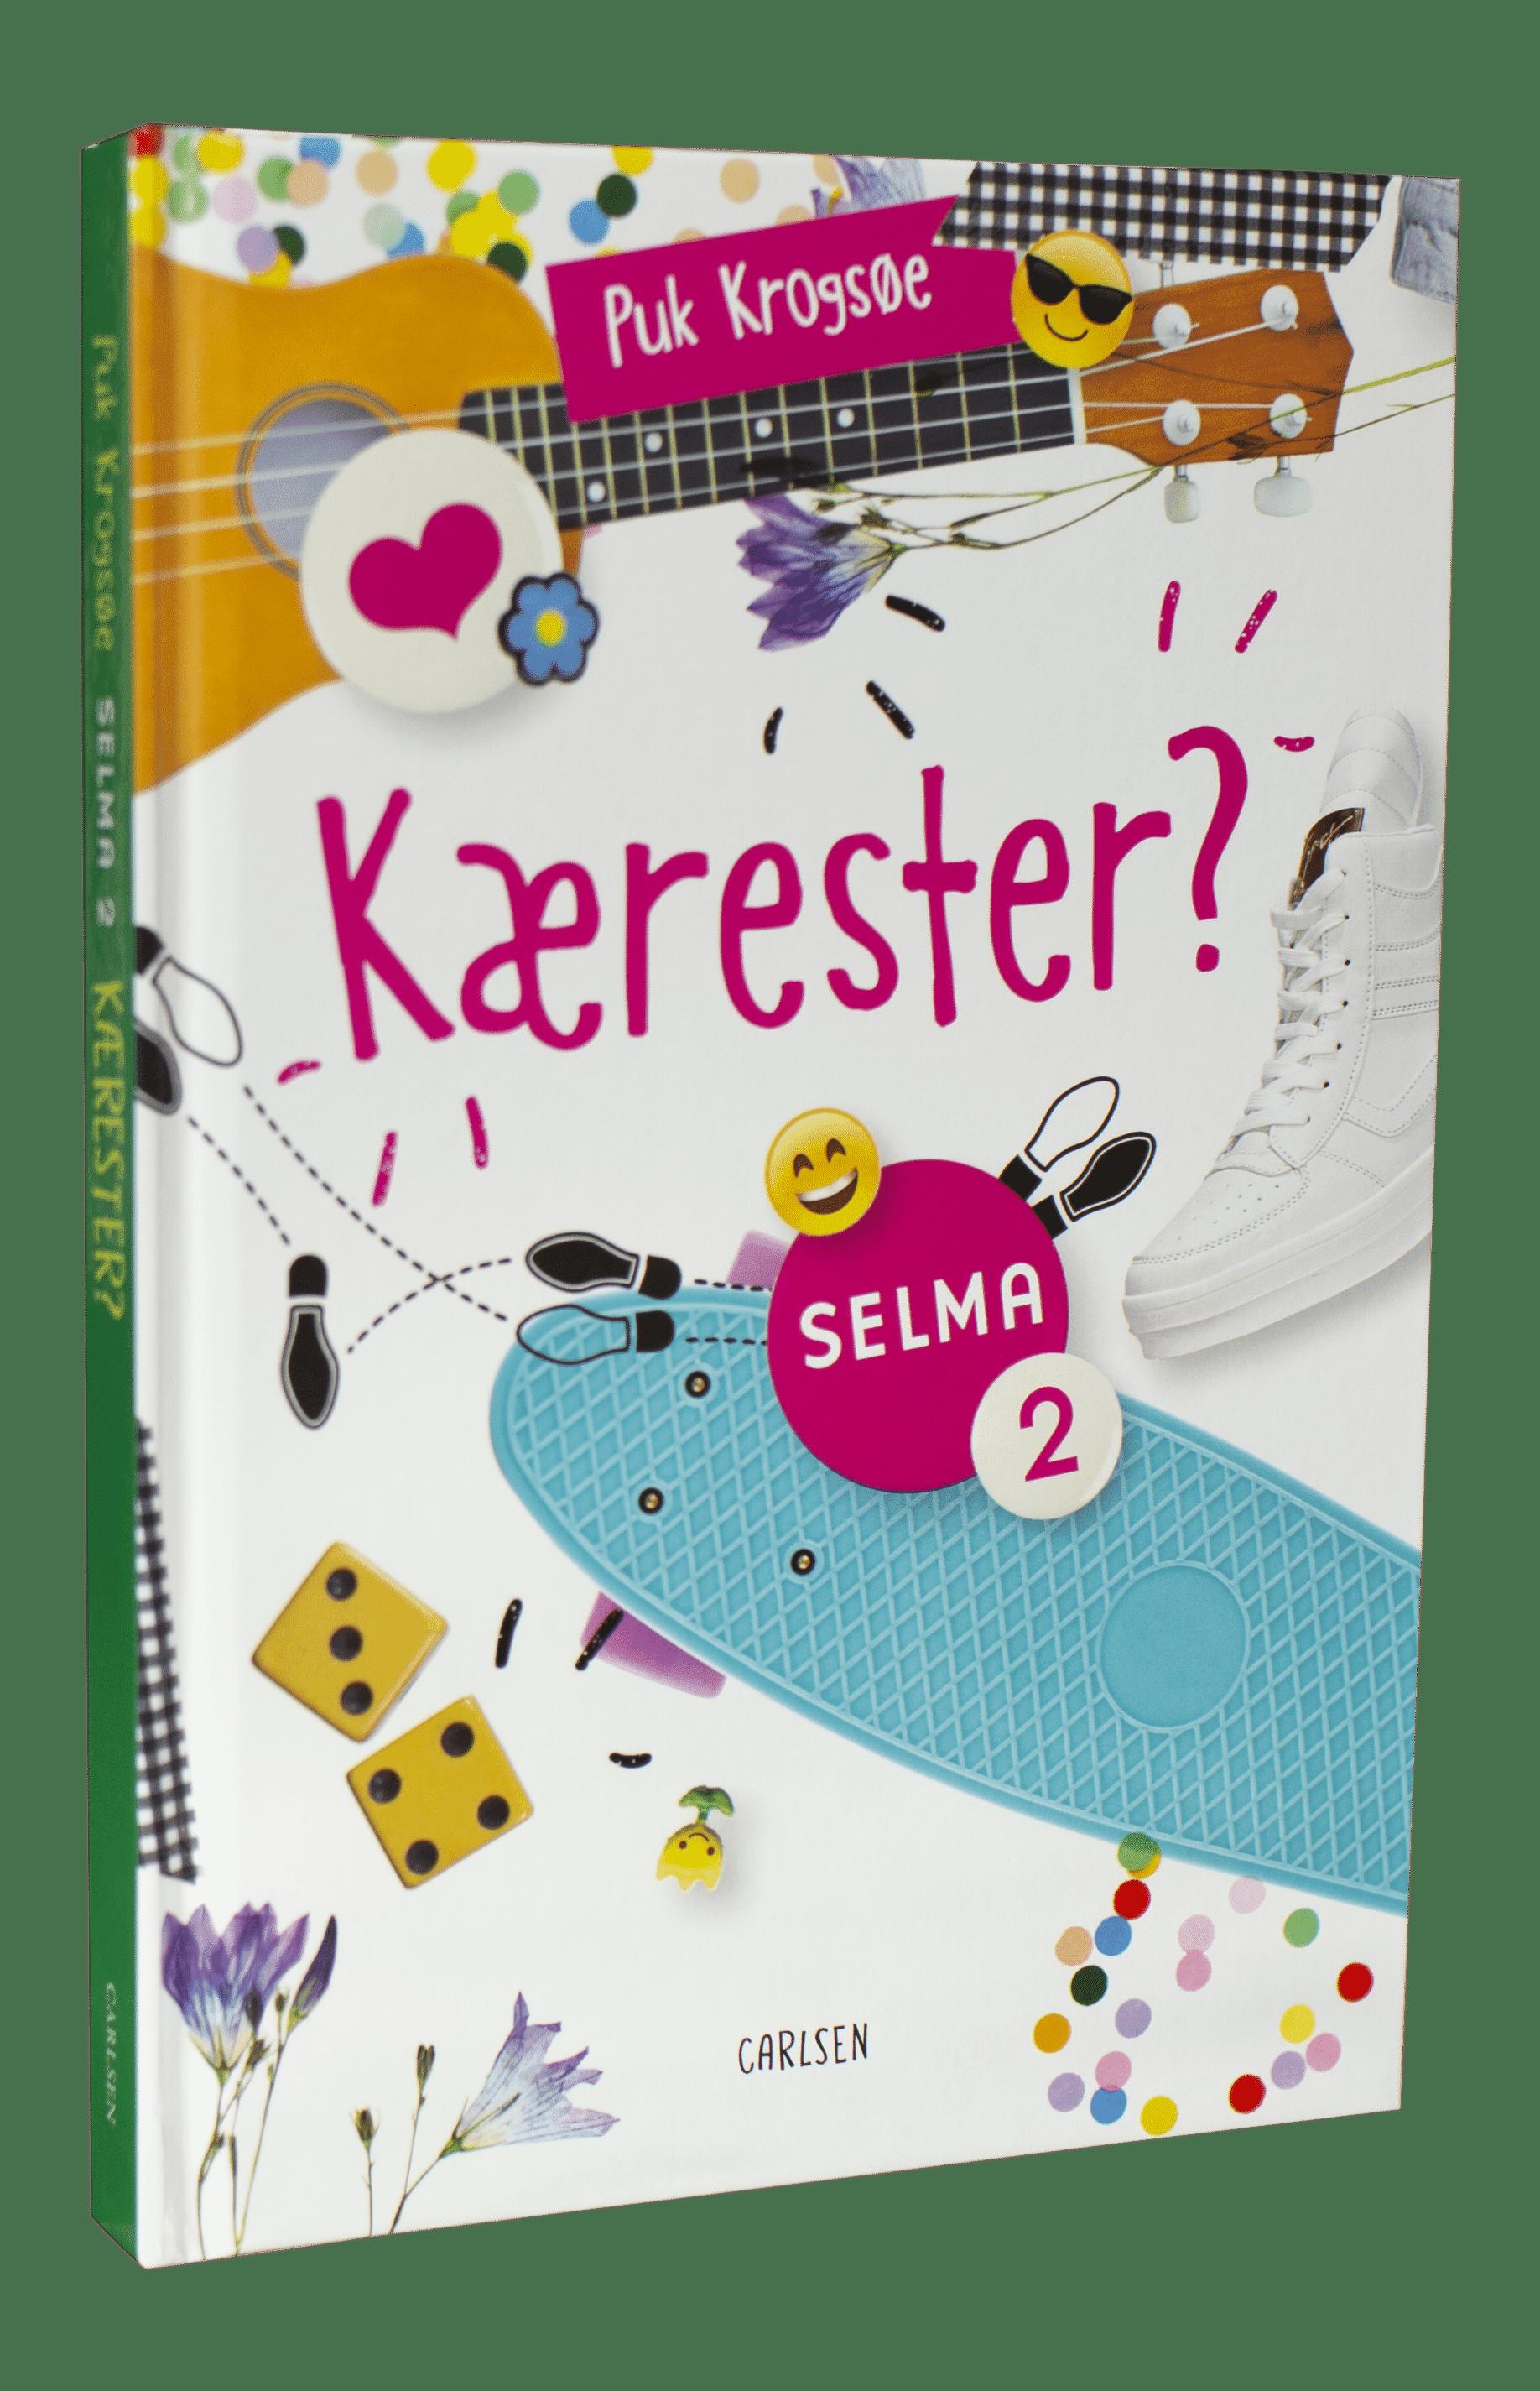 Selma, Selma-bøgerne, Puk Krogsøe, Kærester?, pigebog, bøger til piger, børnebog, børnebøger